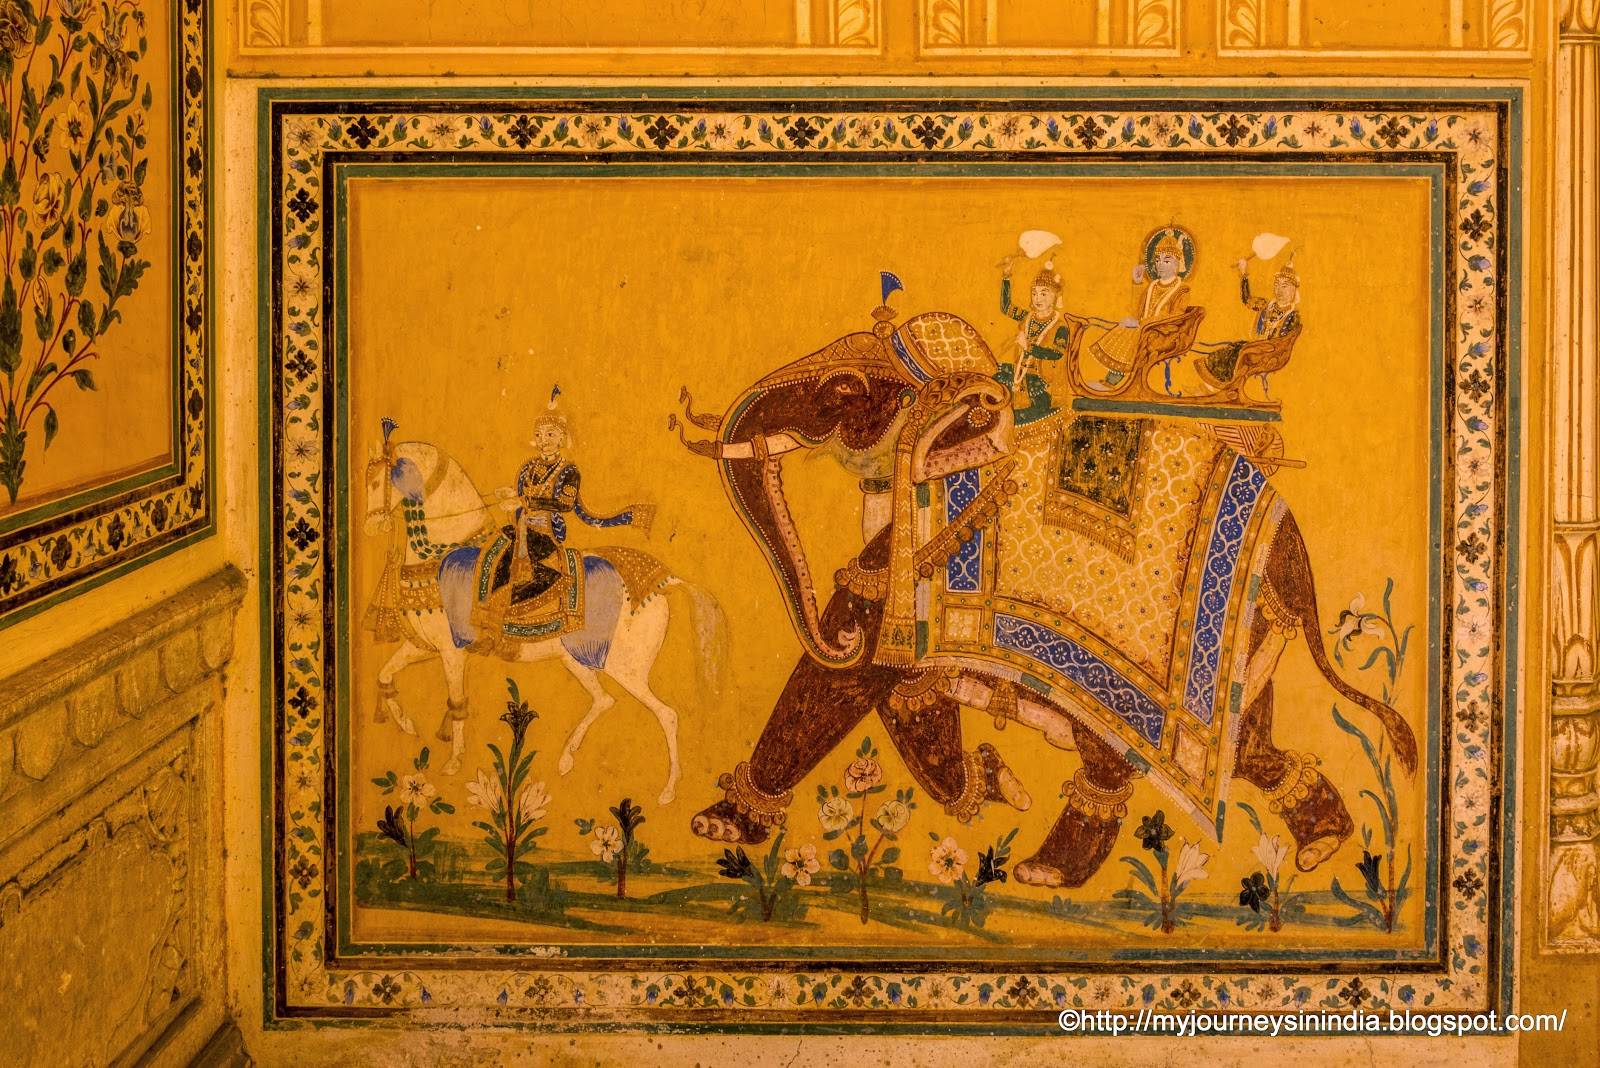 Murals at Madhavendra Palace Jaipur